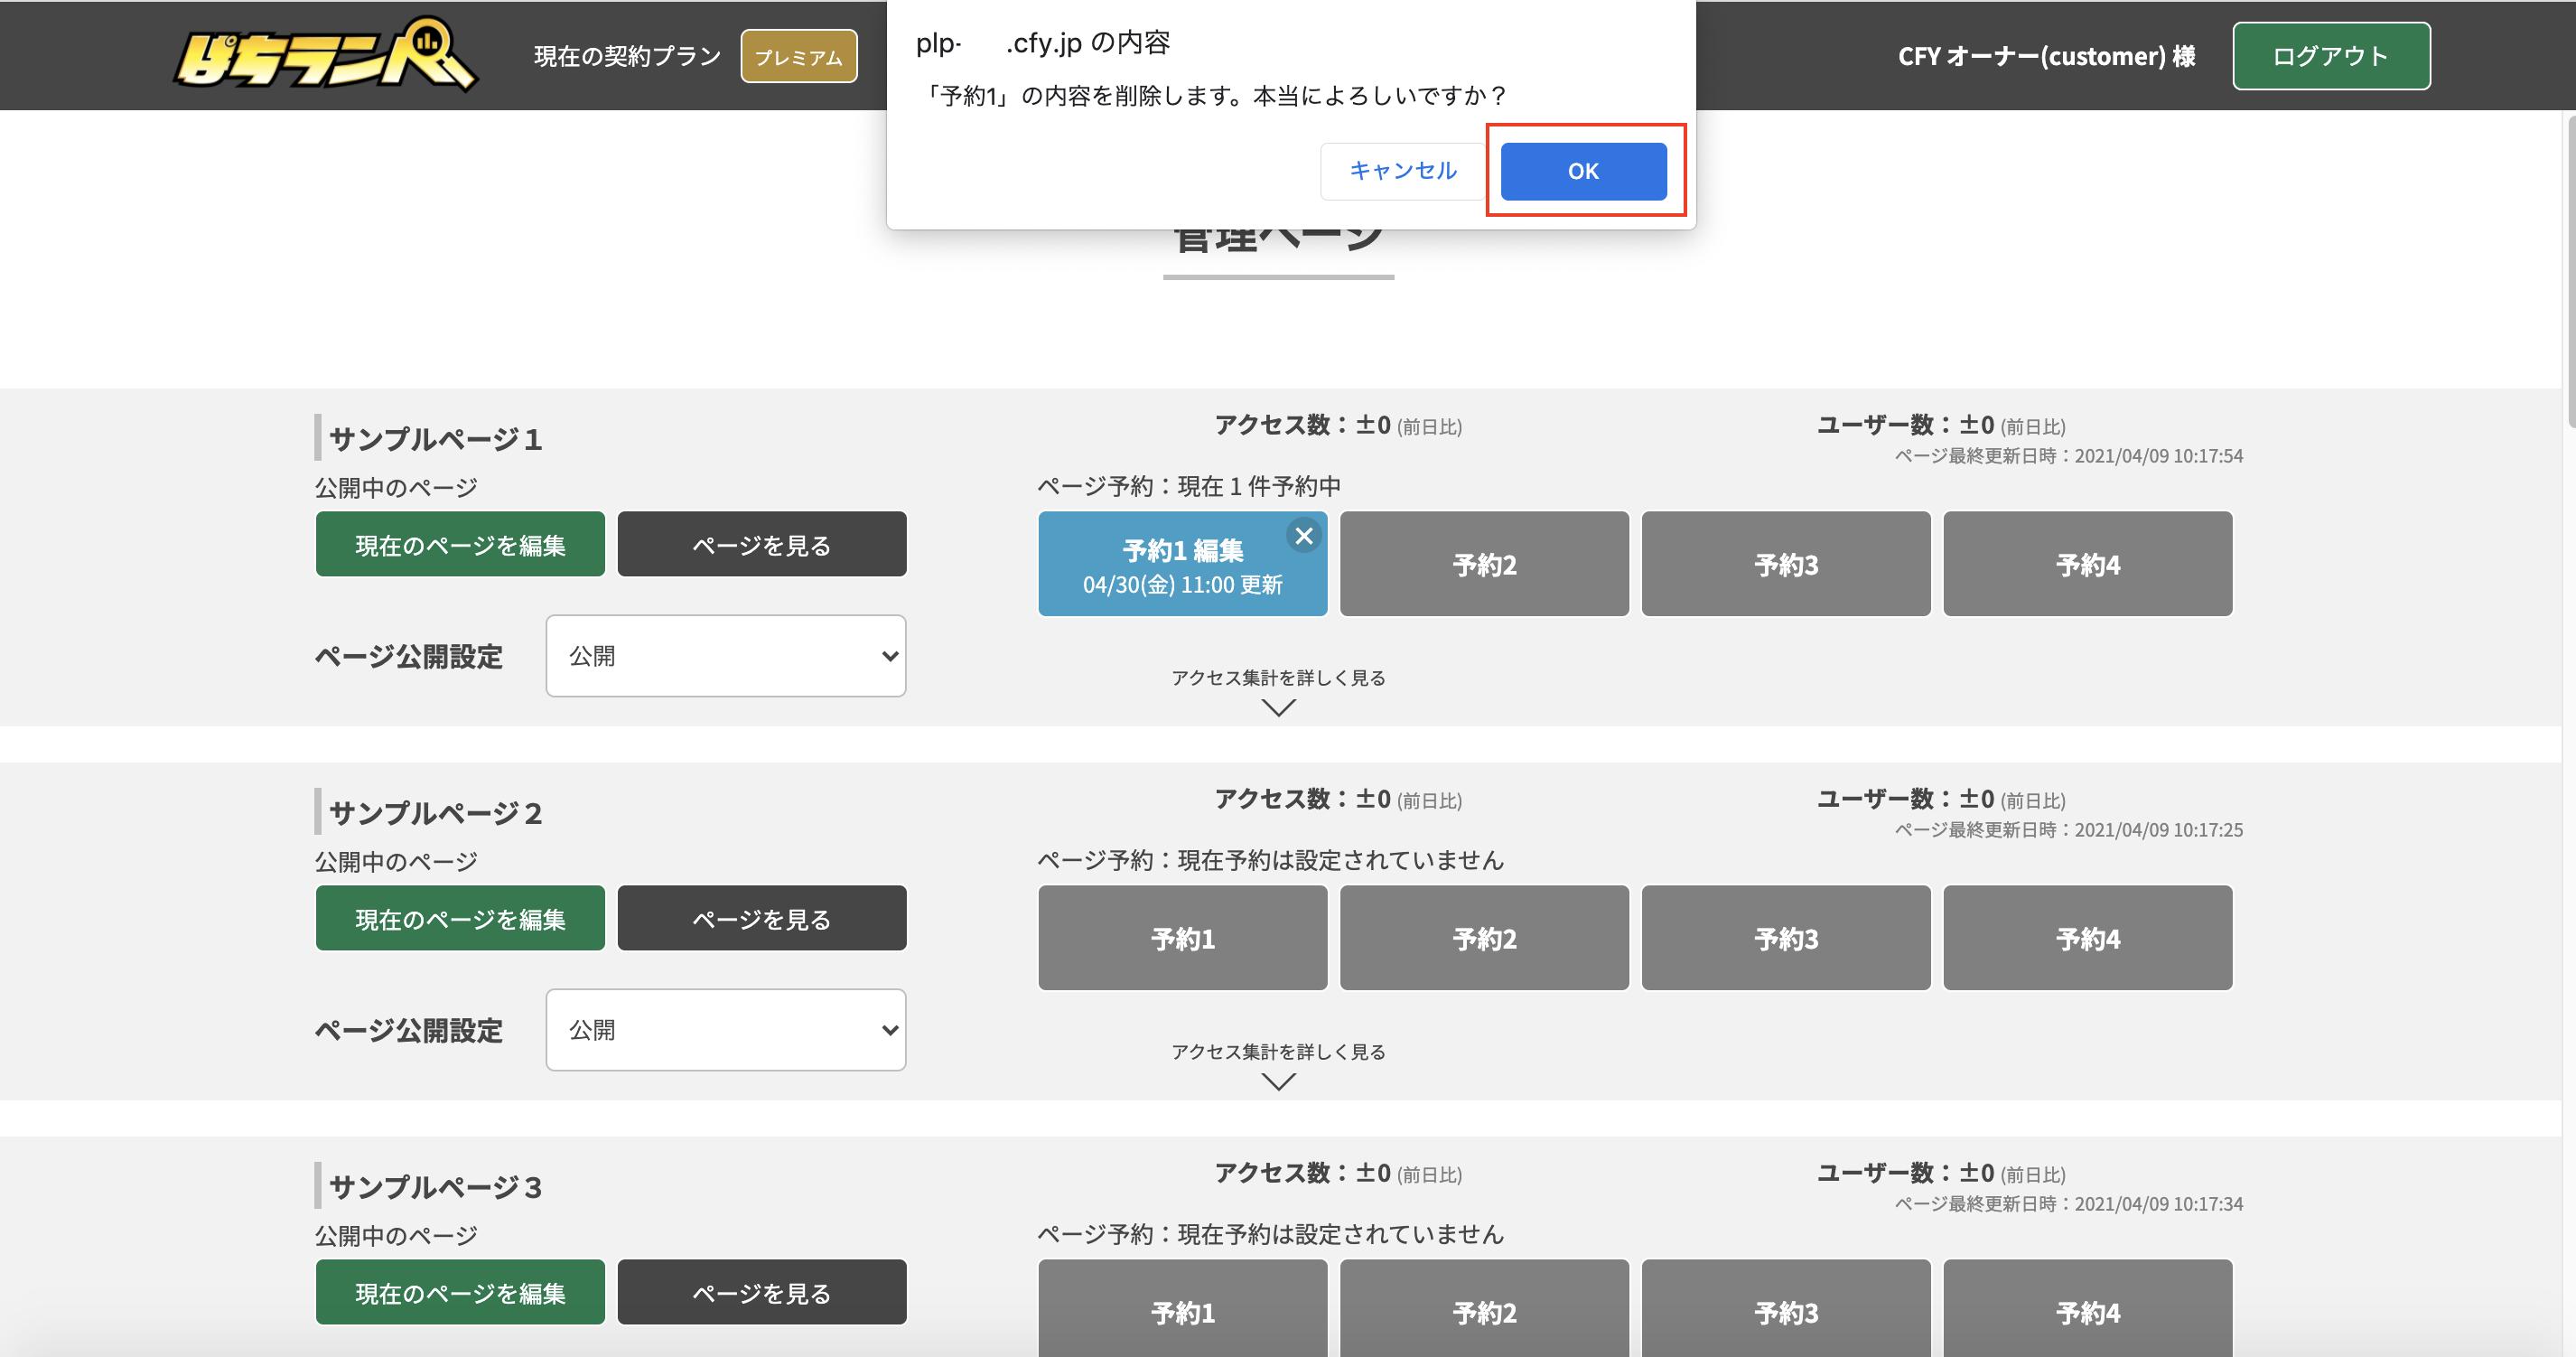 「OK」をクリックすると、予約ページが削除され灰色の「予約」ボタンに変化します。